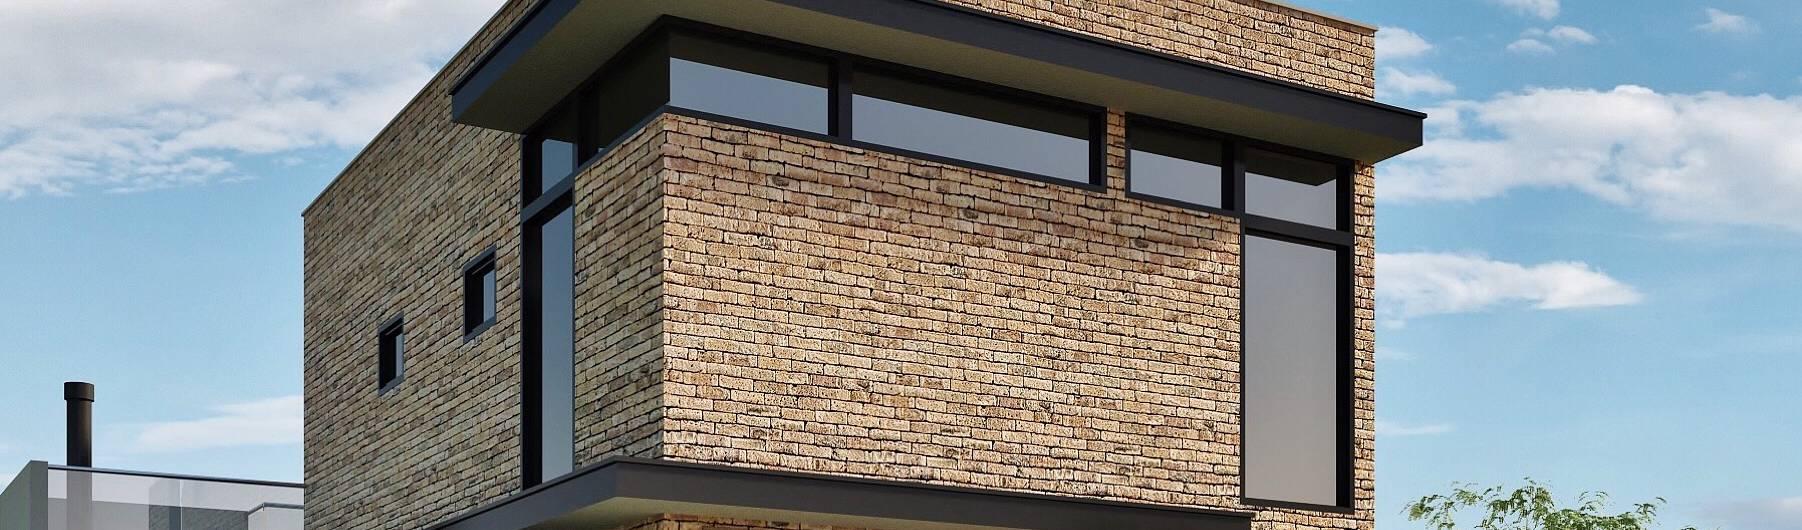 Rissetti Arquitetura